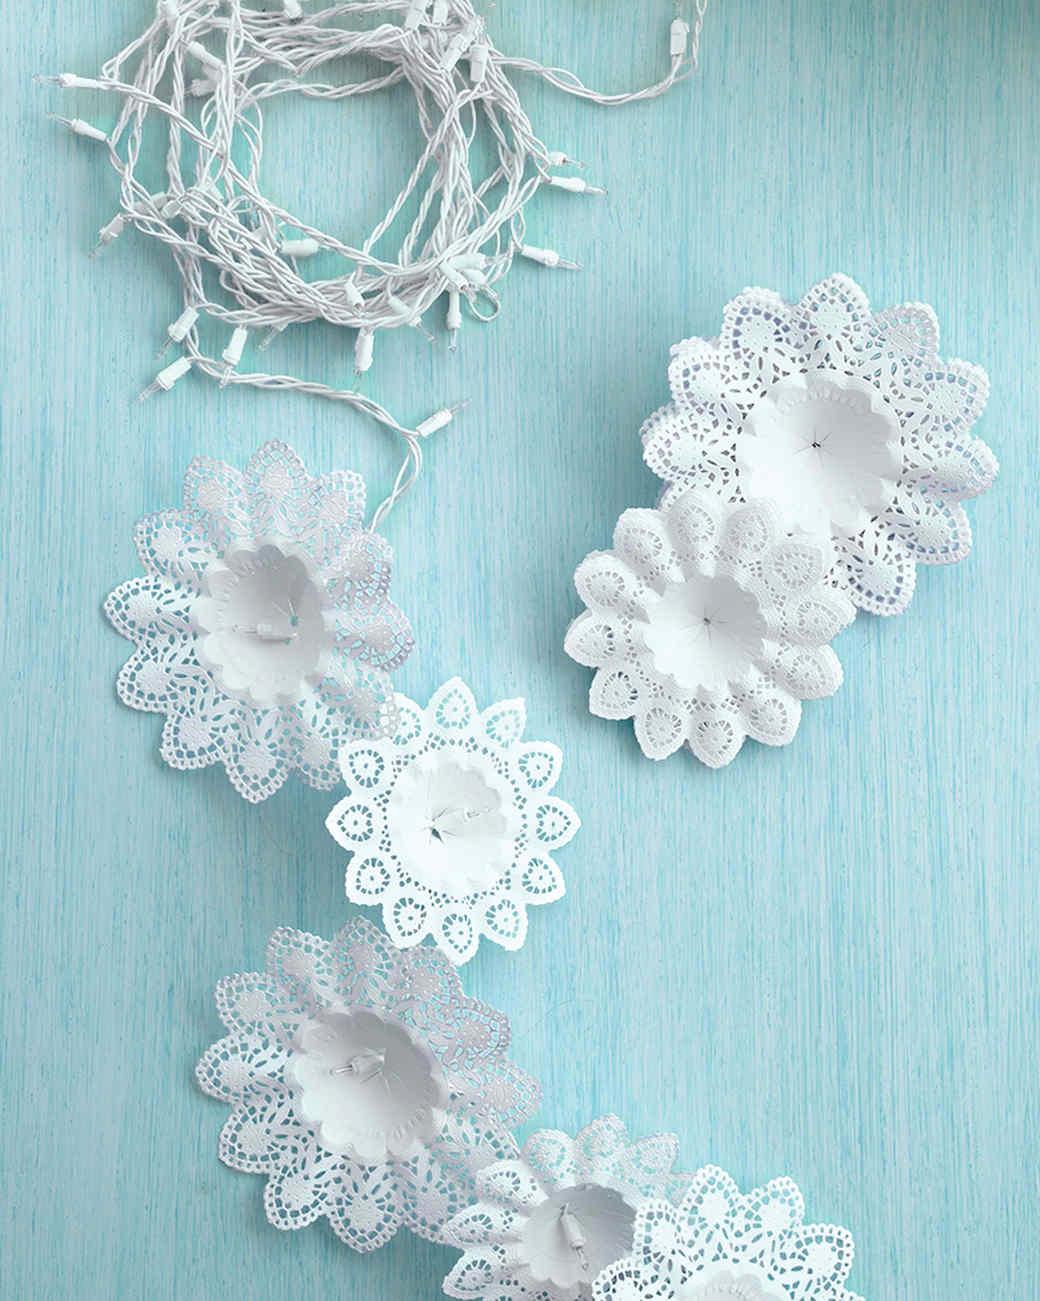 Снежинка из ватных дисков своими руками на новый год